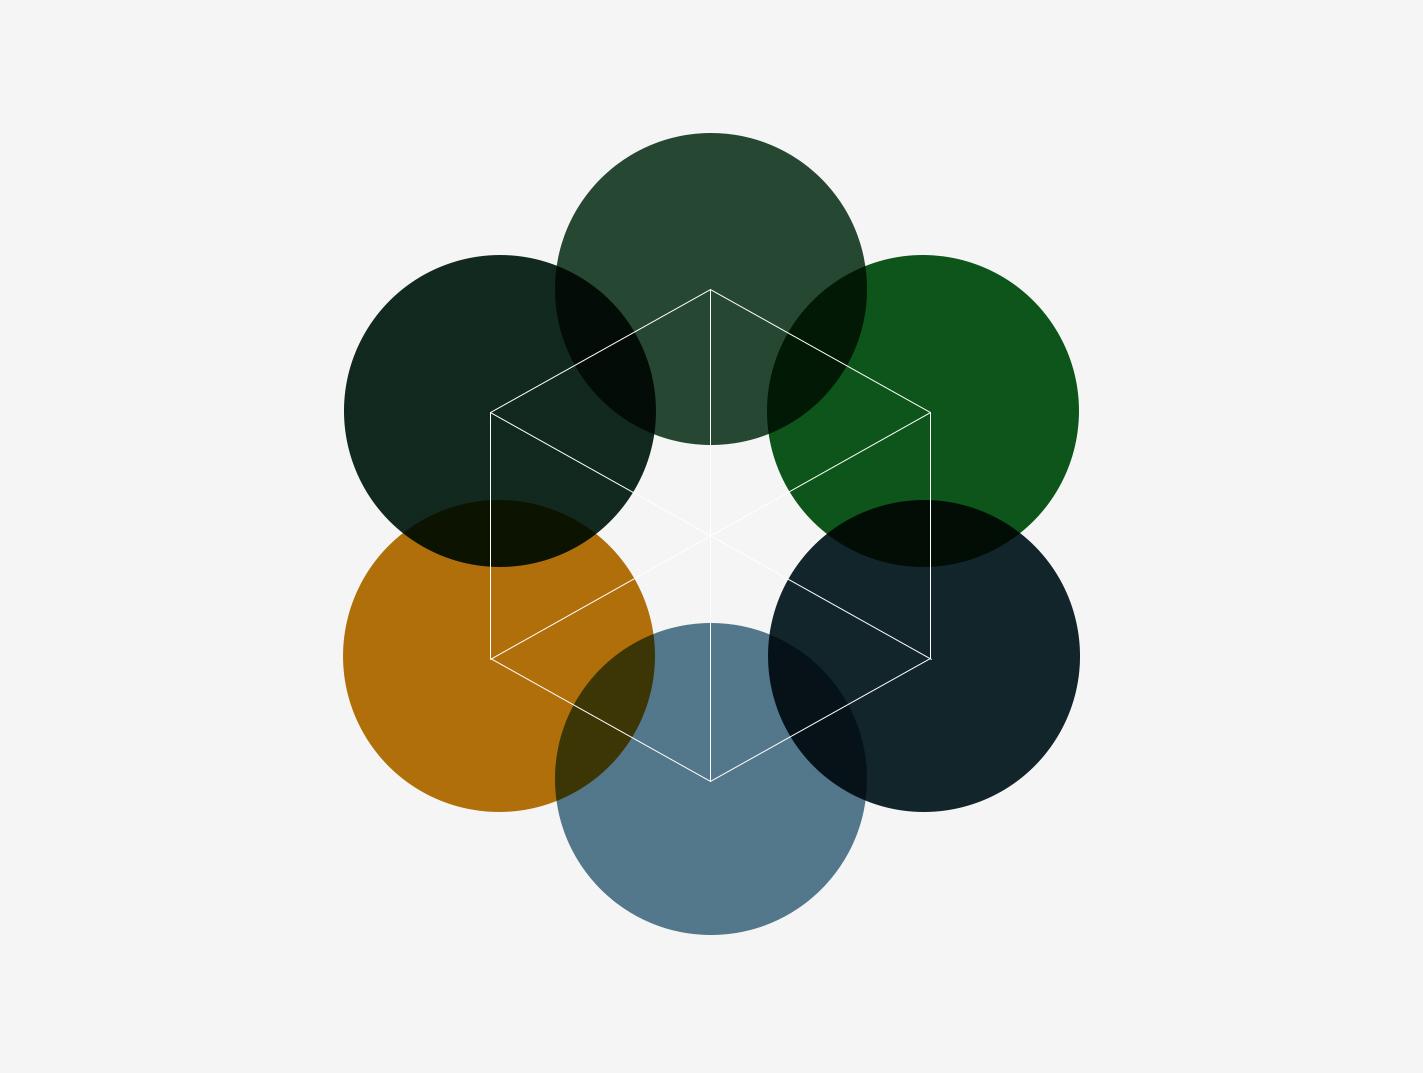 herbfarm_colors.jpg